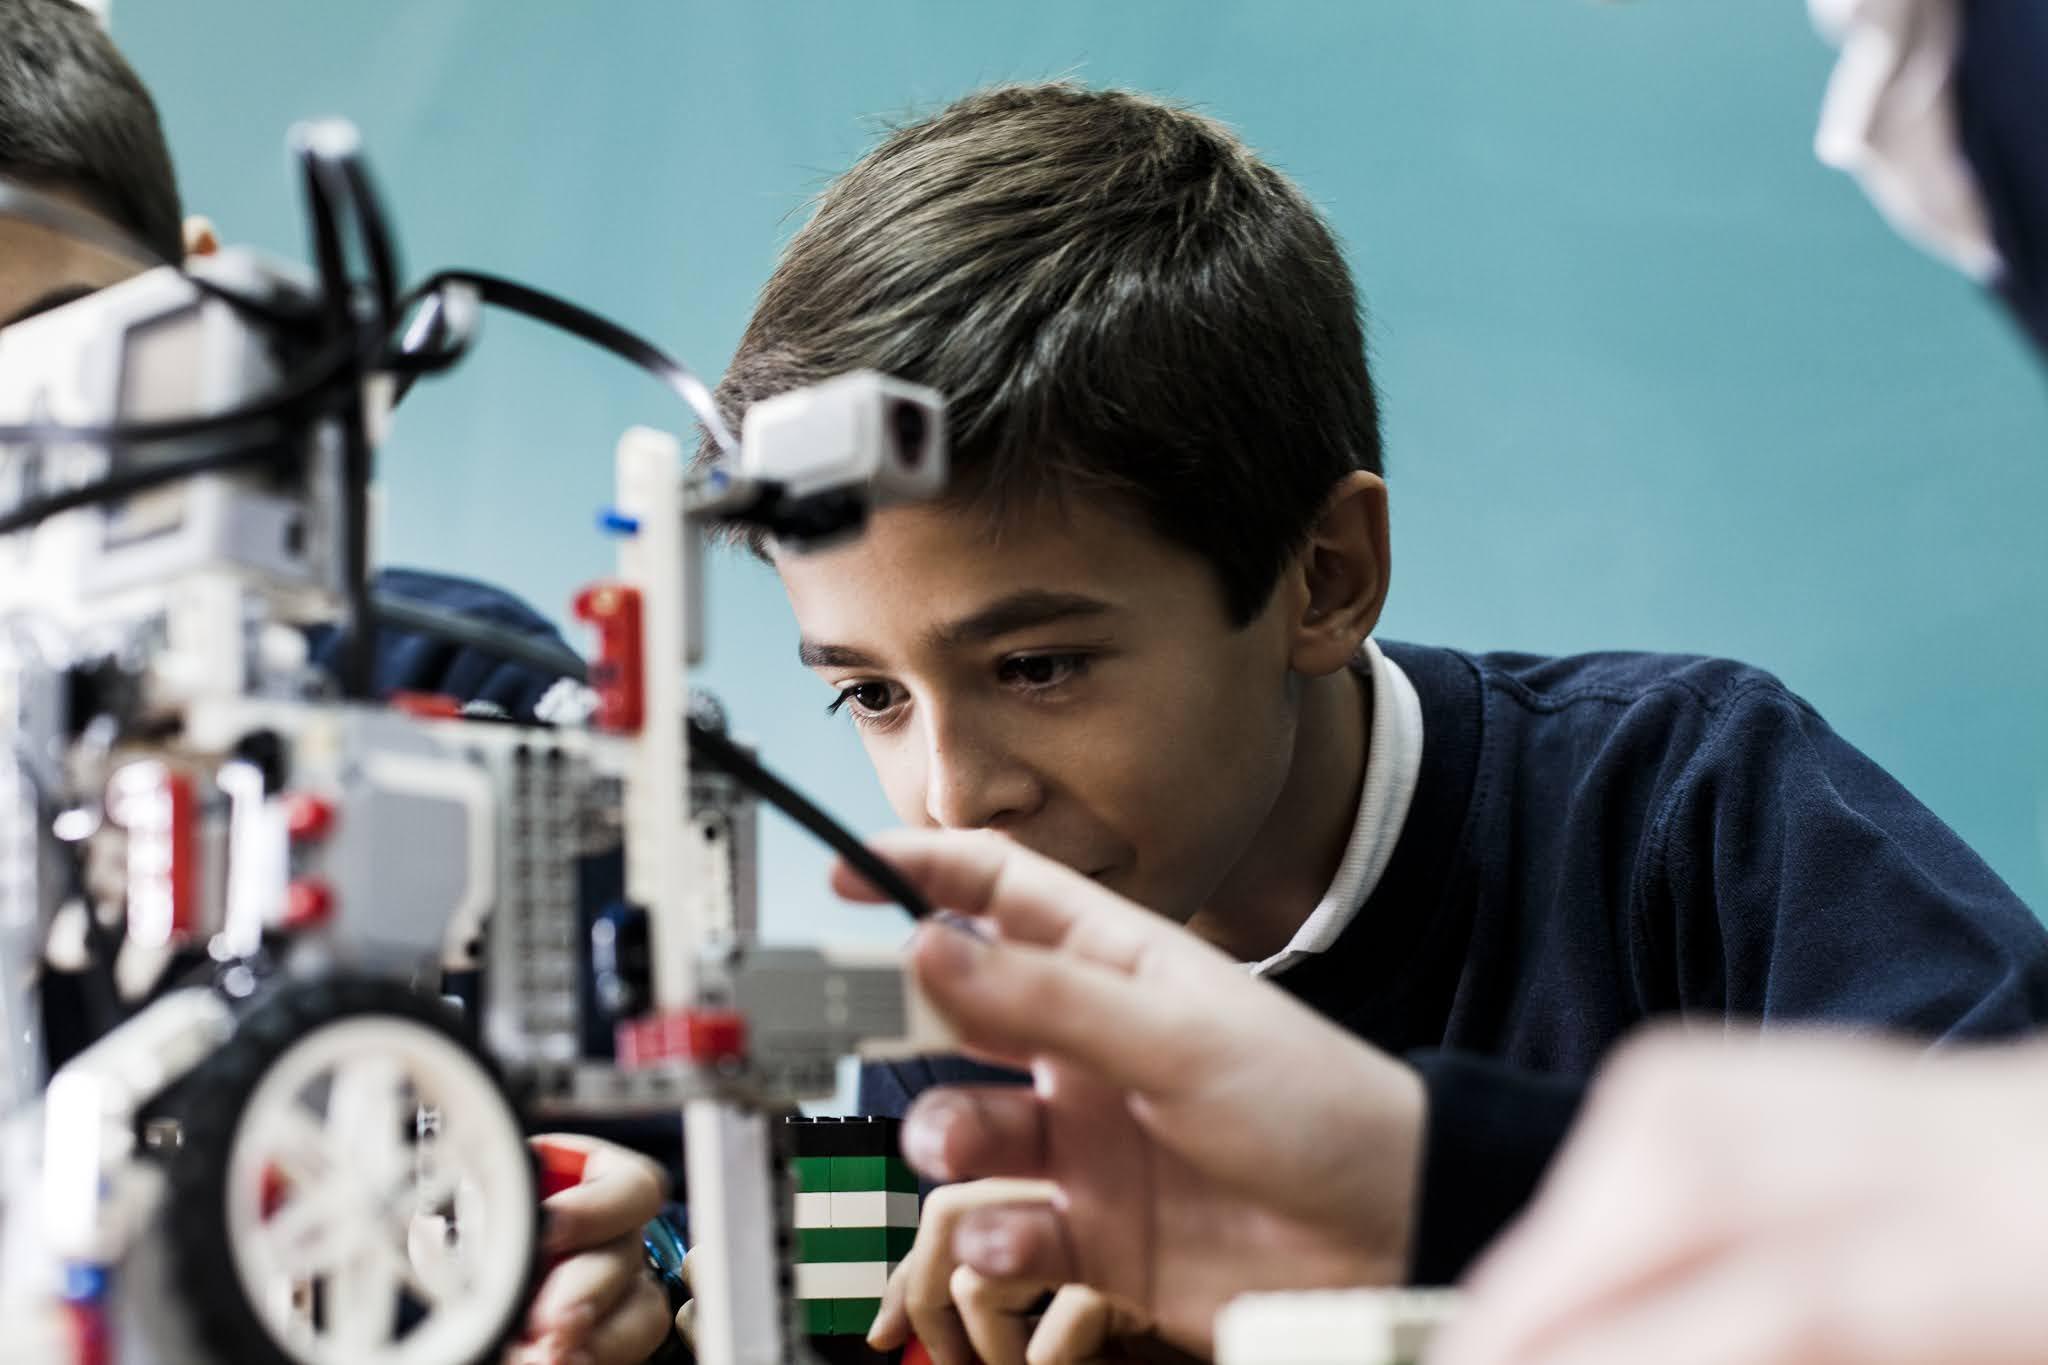 beneficios-de-la-robotica-creatividad-habilidades-robot-hijos-aprender-ia-inteligencia-artificial-ensenar-robotica-educacion-educativarobotics--grupoeducativa-lego-duplo-arduino-ninos-ninas-adolescentes-jovenes-cursos-clases-talleres-arequipa-peru